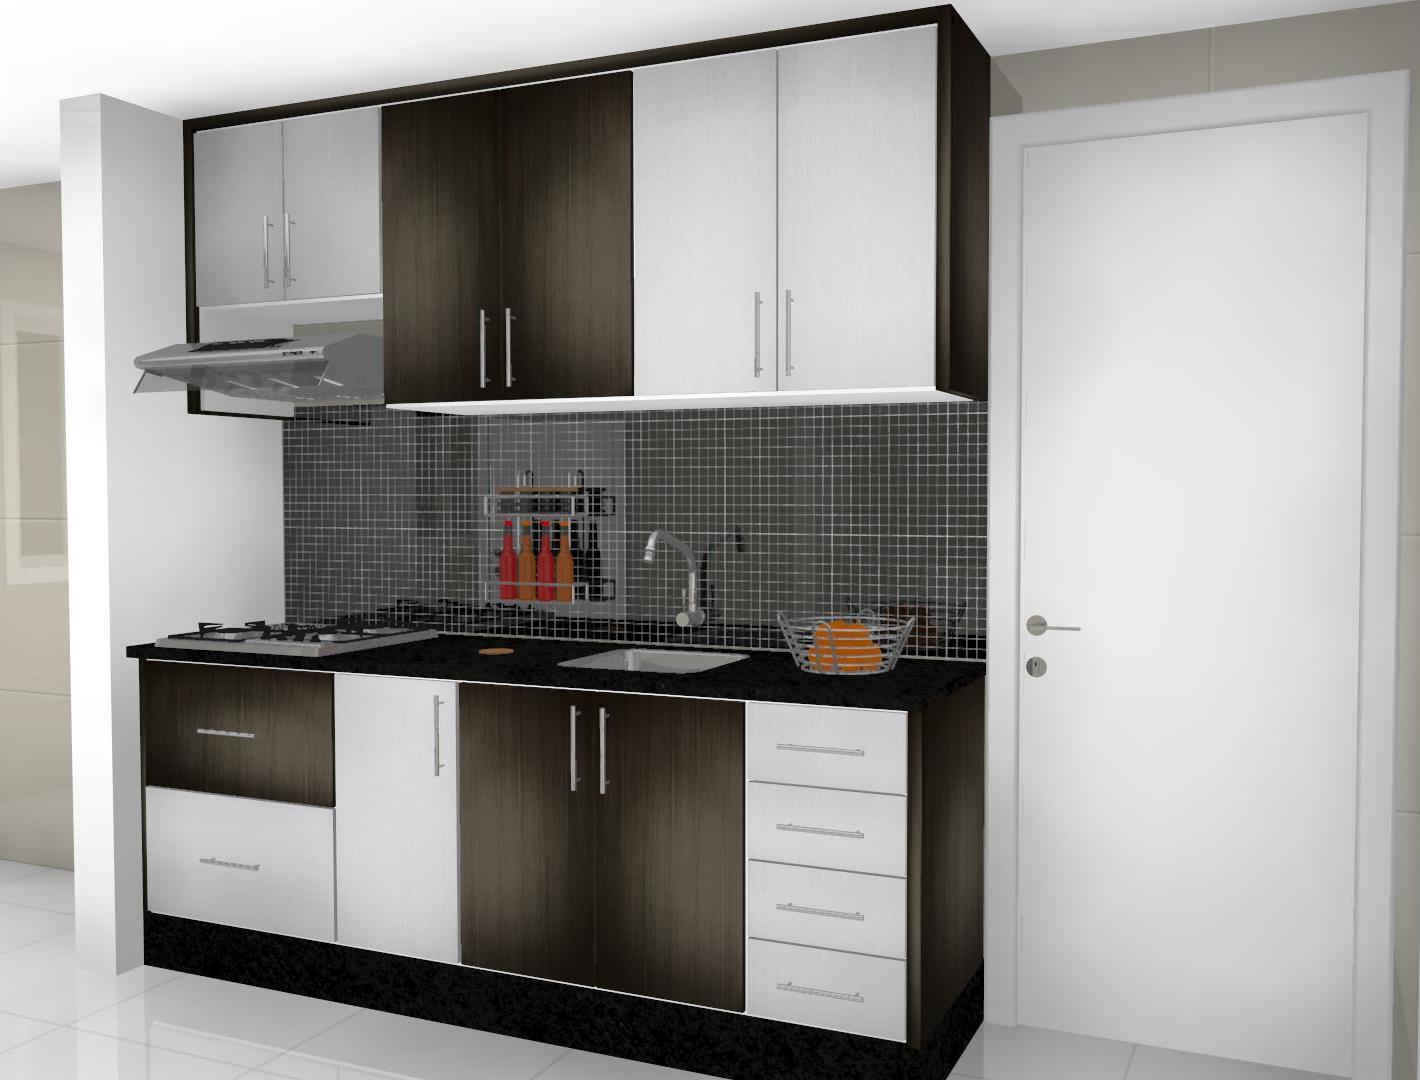 Espaço Nobre Design: Cozinha (Ébano Exótico Montego Blanc) #5E4D40 1420 1080